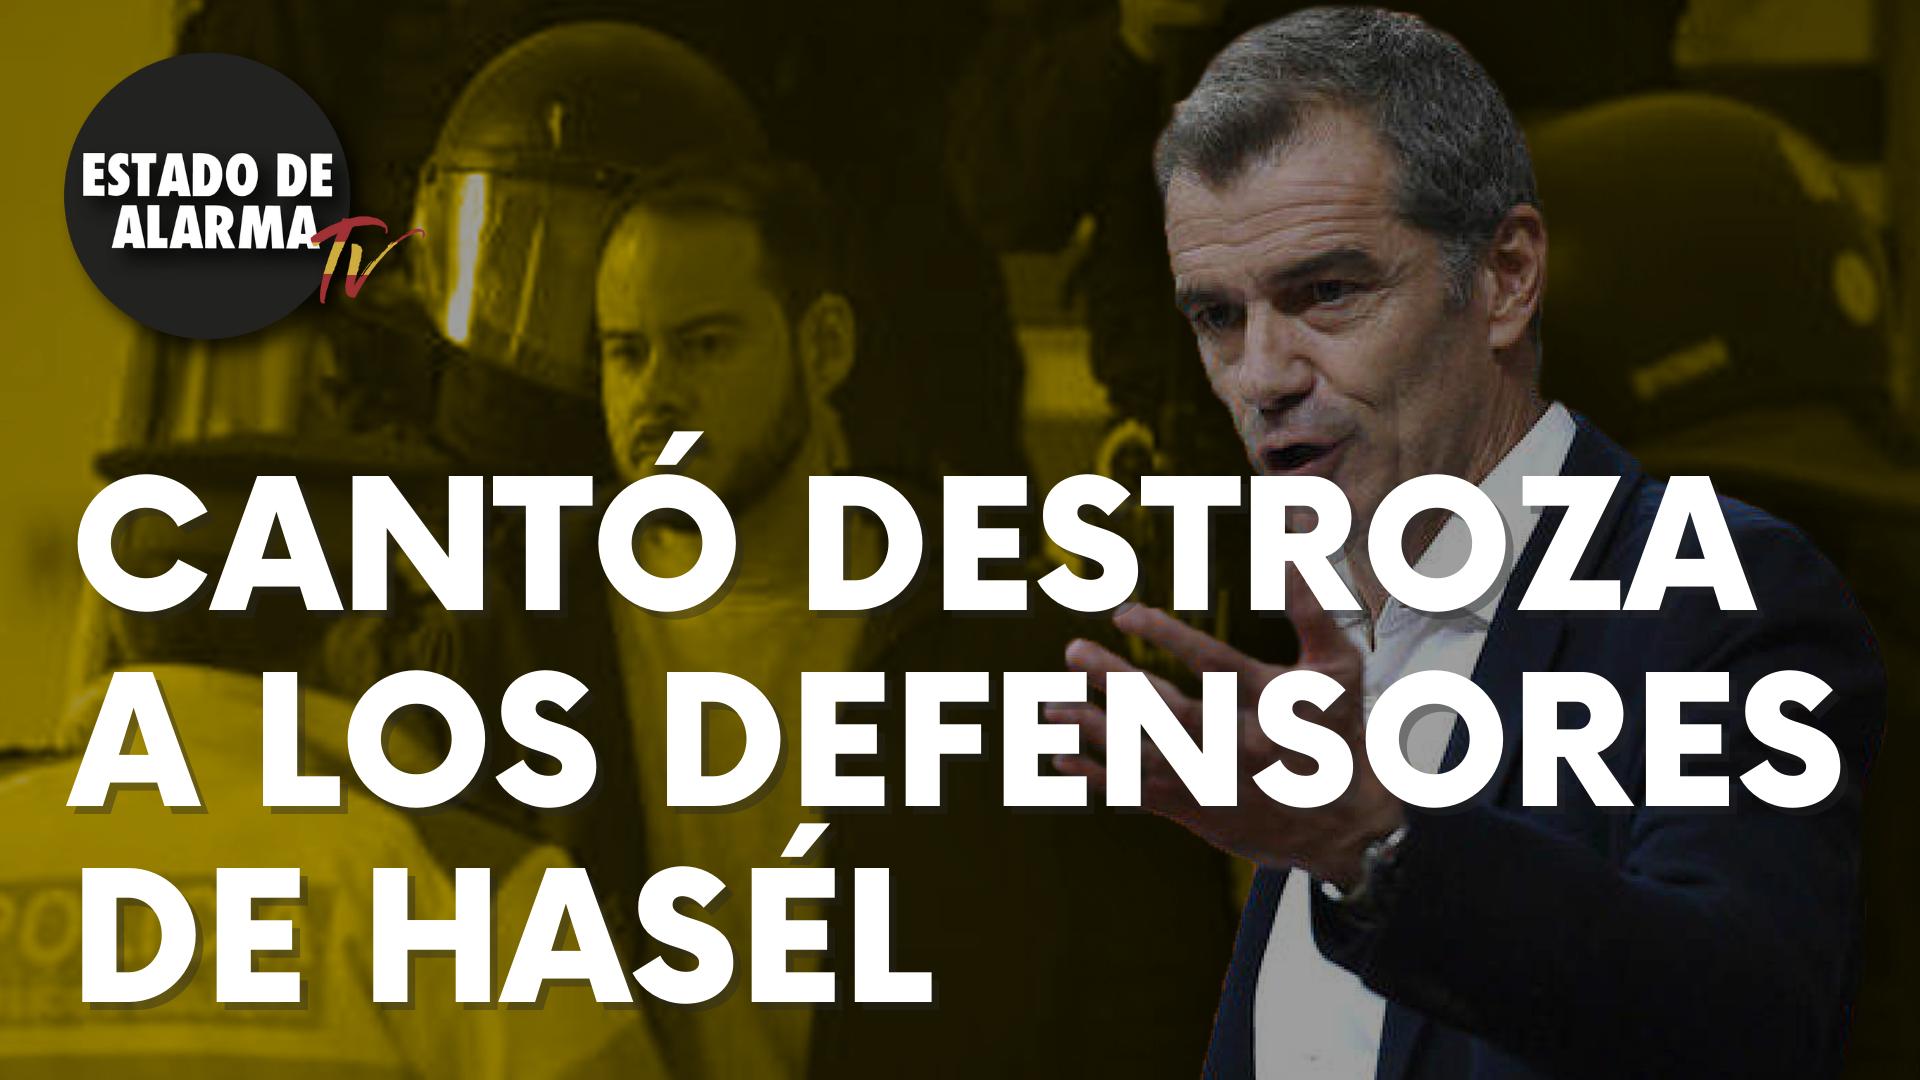 Un inmenso Toni Cantó destroza a los defensores de Hasél